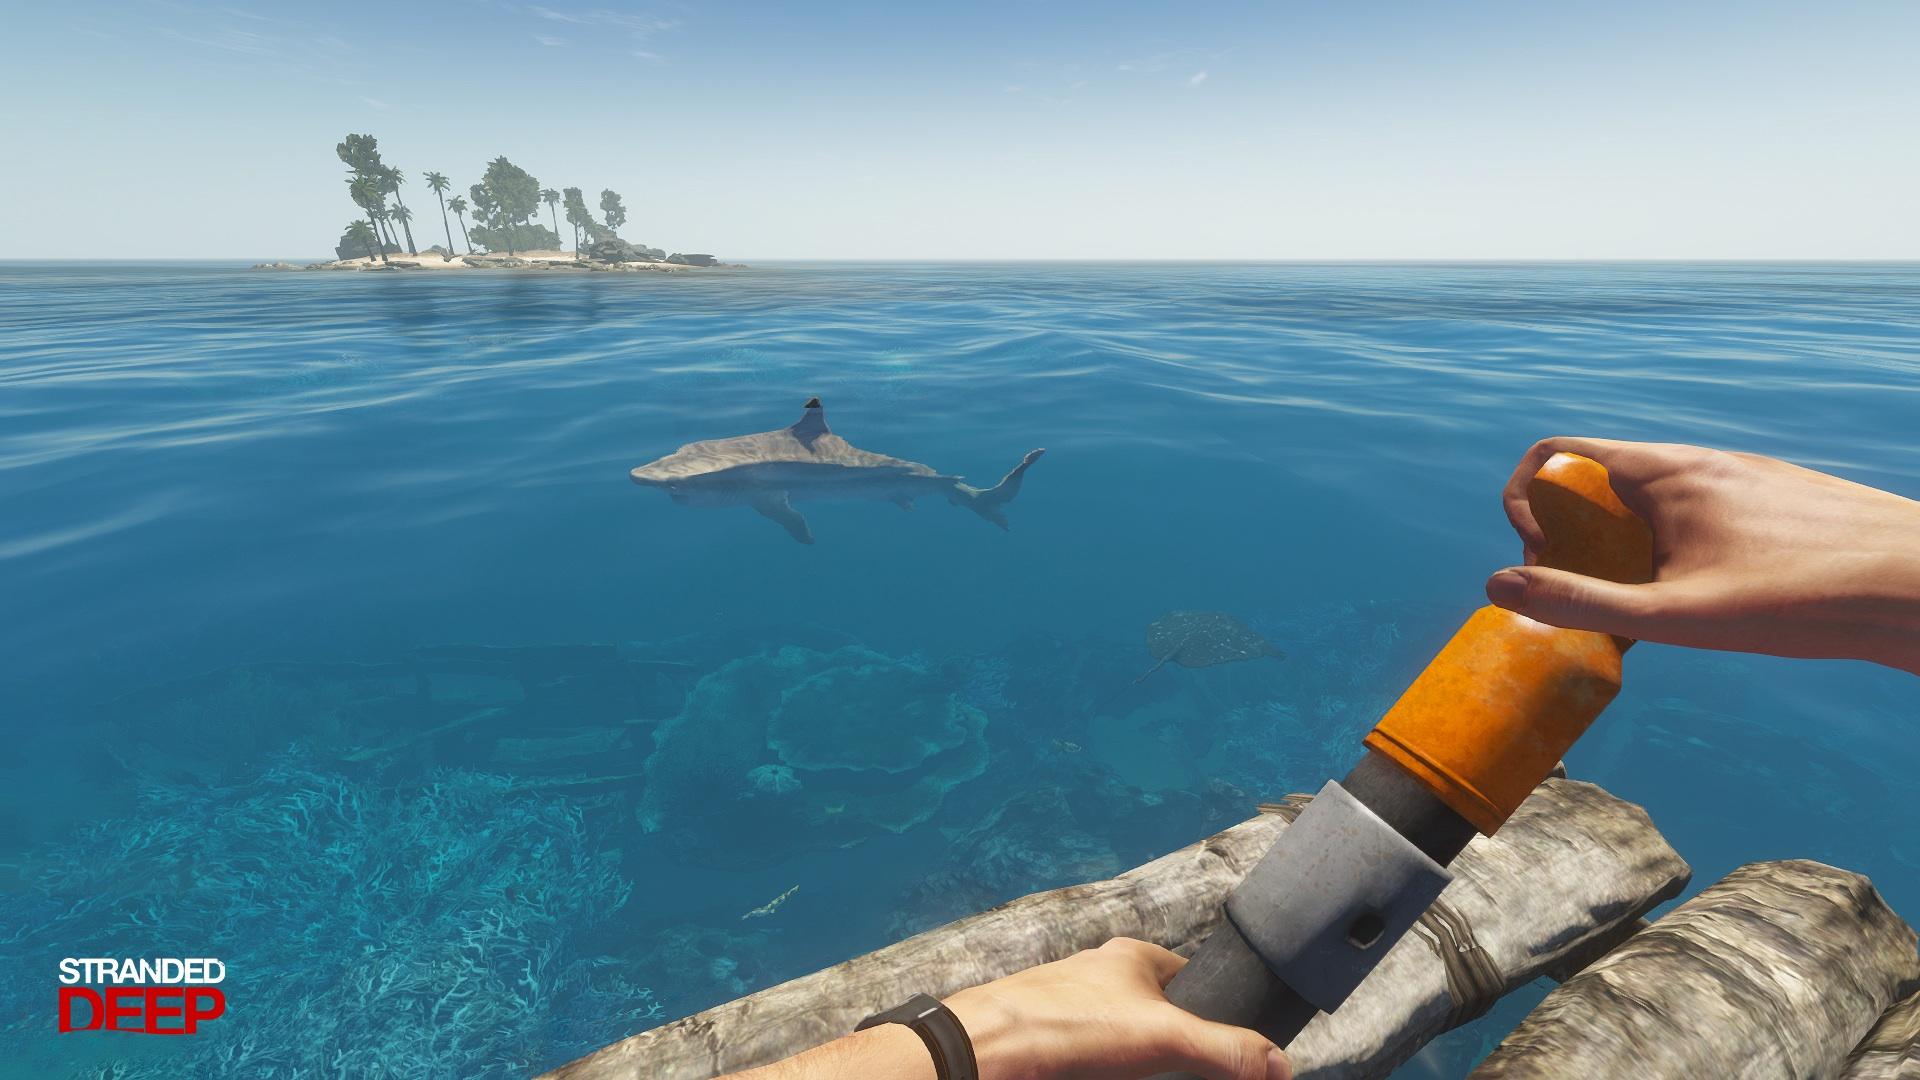 Второй скриншот Stranded Deep v0.03 (Лицензия)